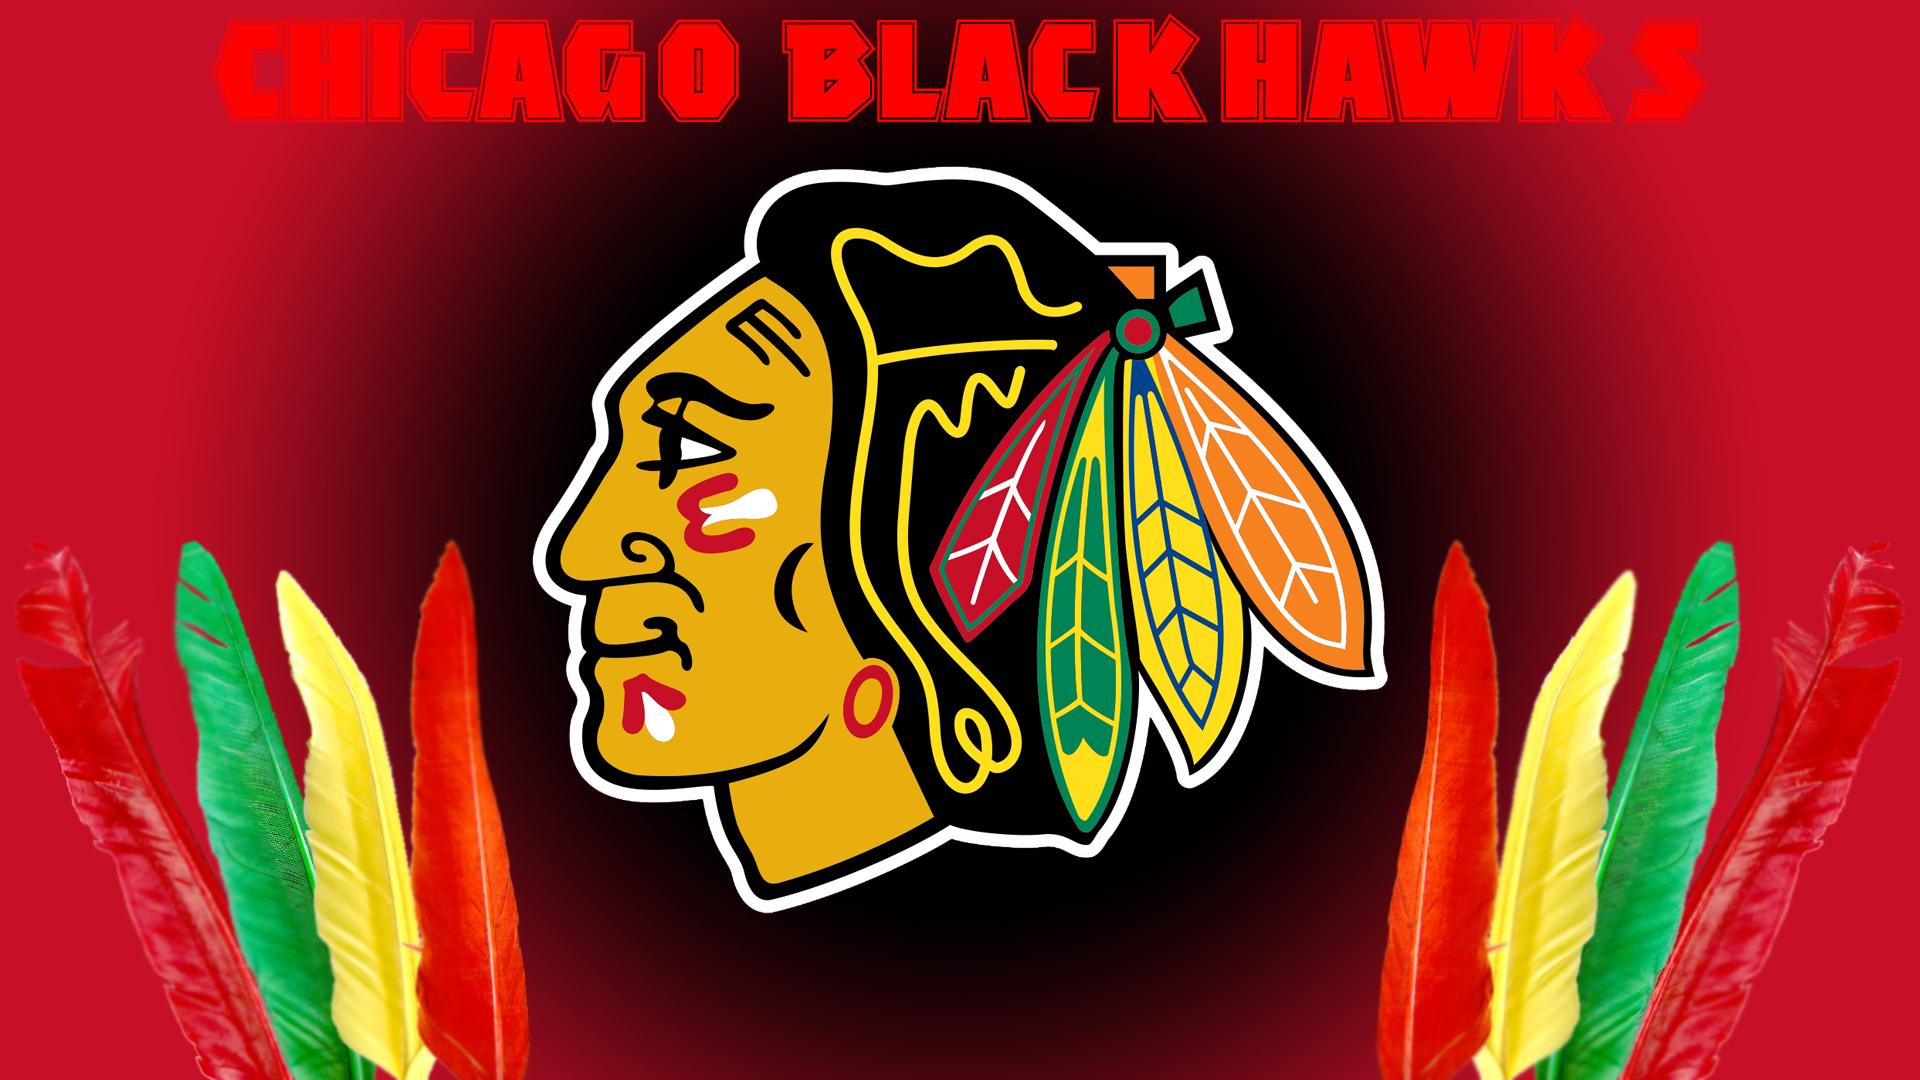 Blackhawks-HD-Wallpaper-Dekstop5.jpg